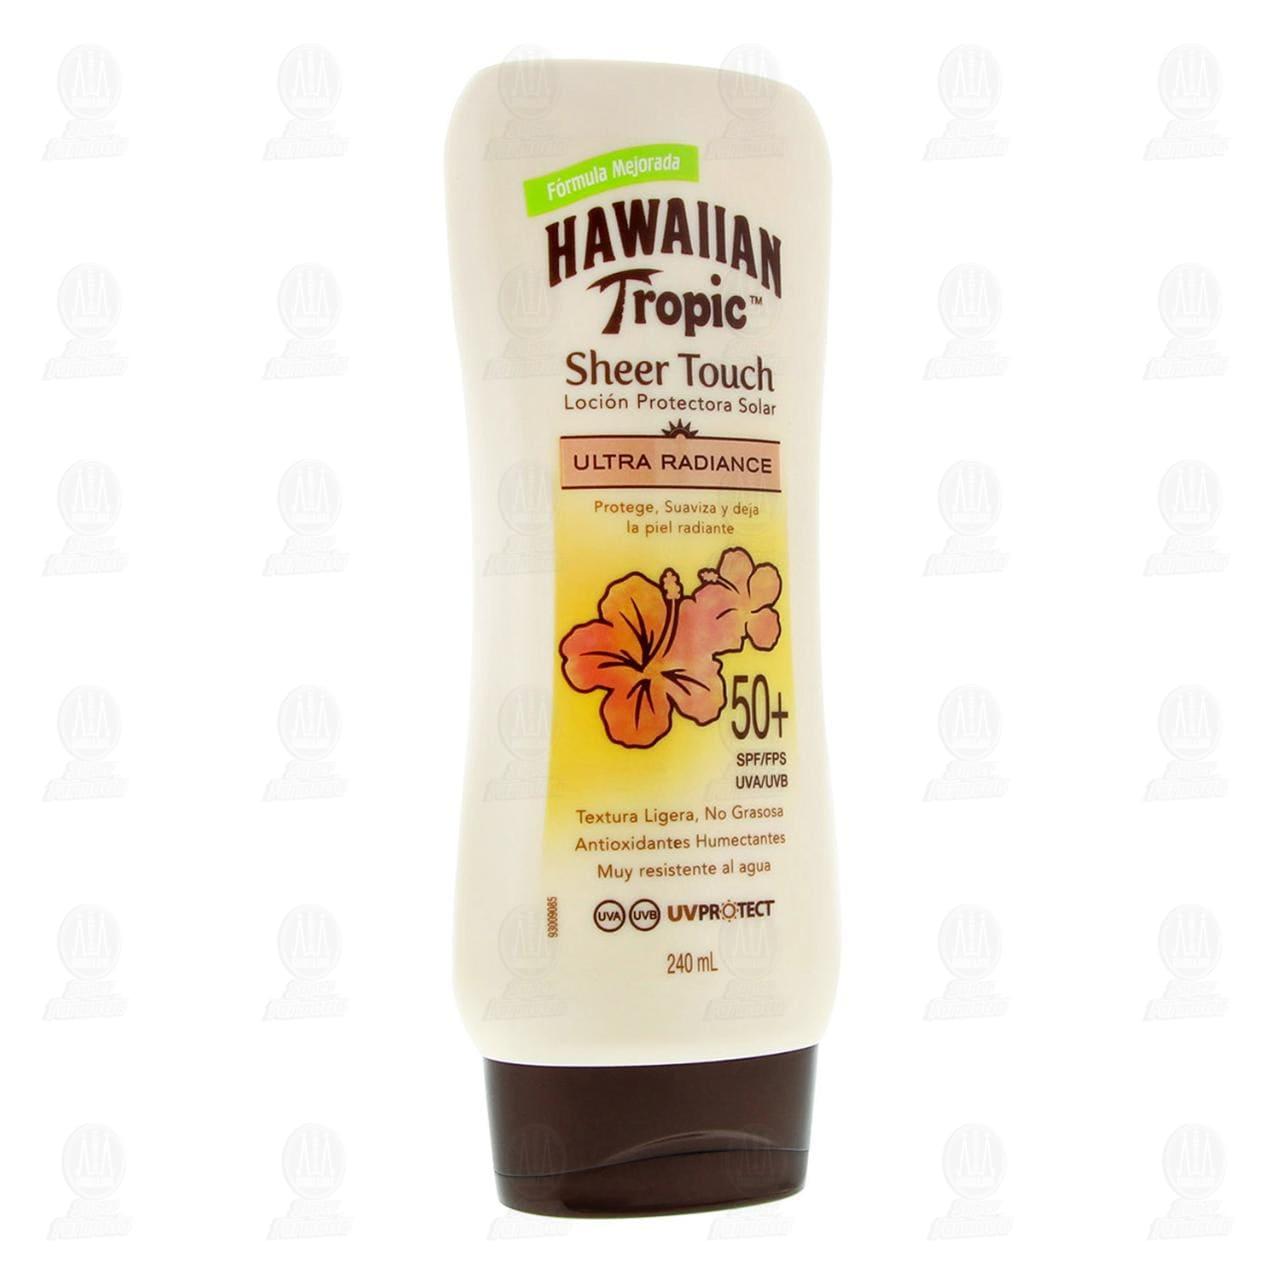 Comprar Protector Solar Hawaiian Tropic Ultra Radiance en Loción FPS 50, 240 ml. en Farmacias Guadalajara